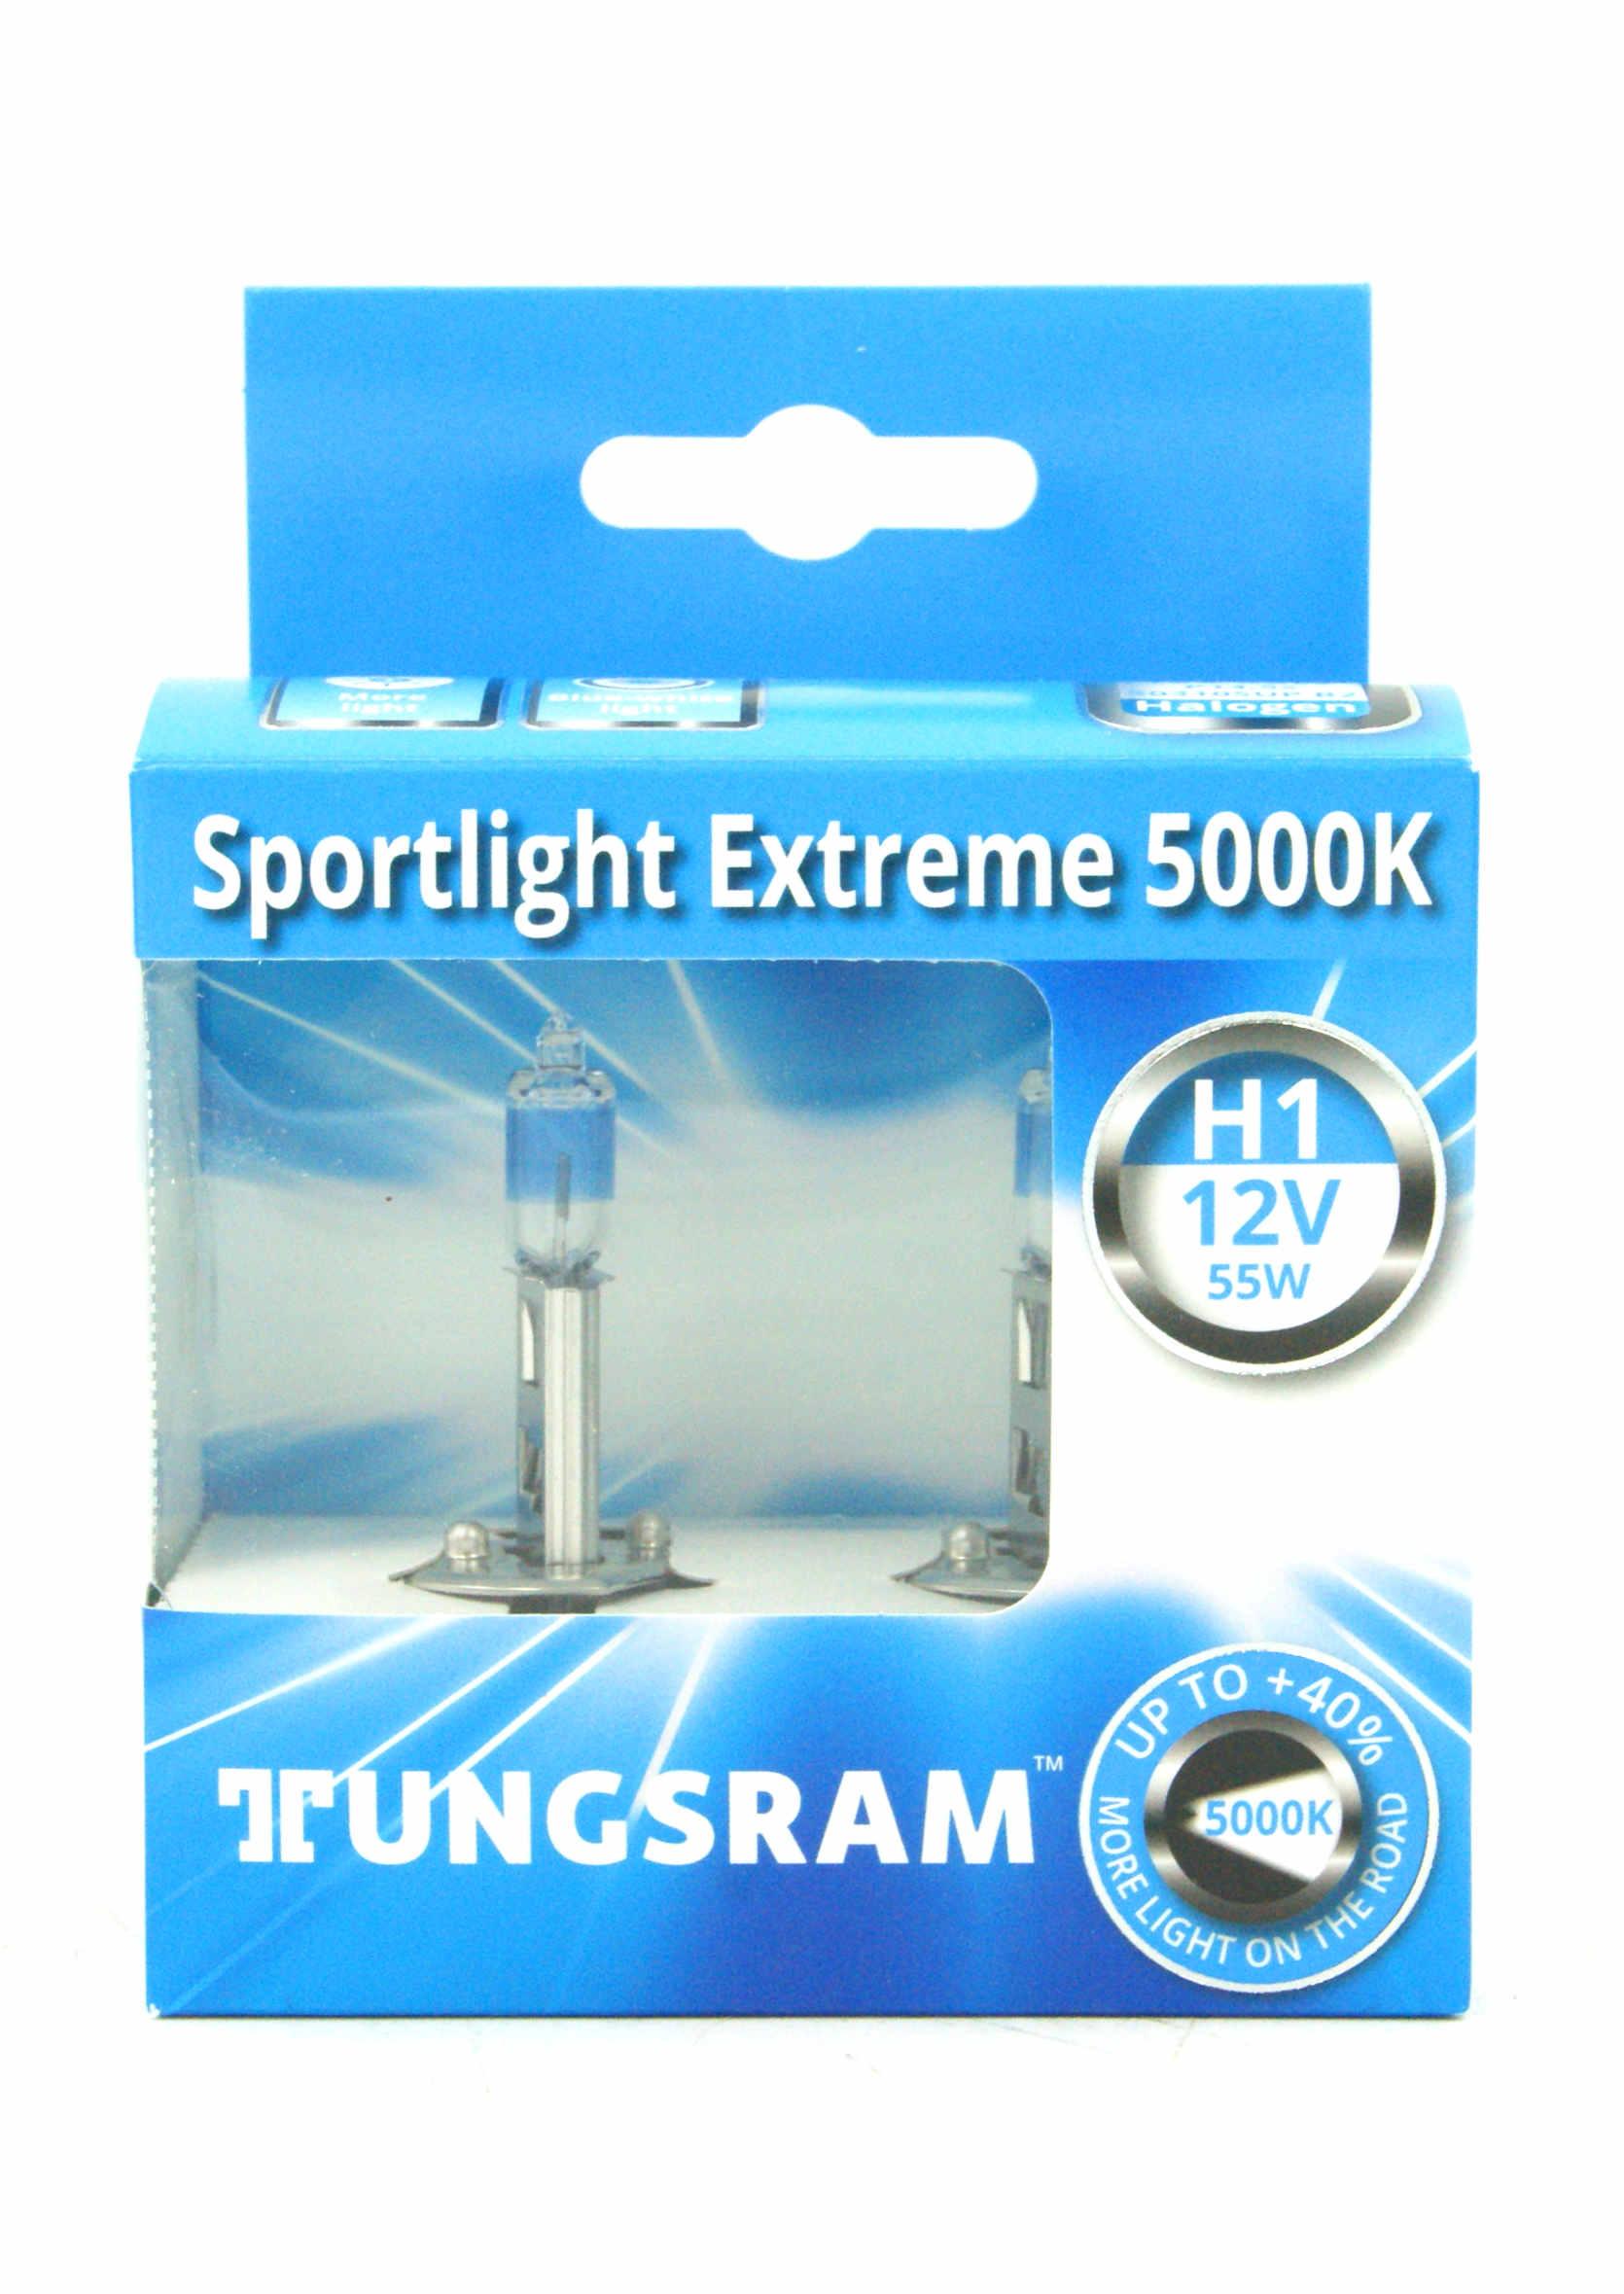 Tungsram Sportlight Extreme +40% H1 12V 55W P14,5s Żarówki Samochodowe 5000K 2szt.